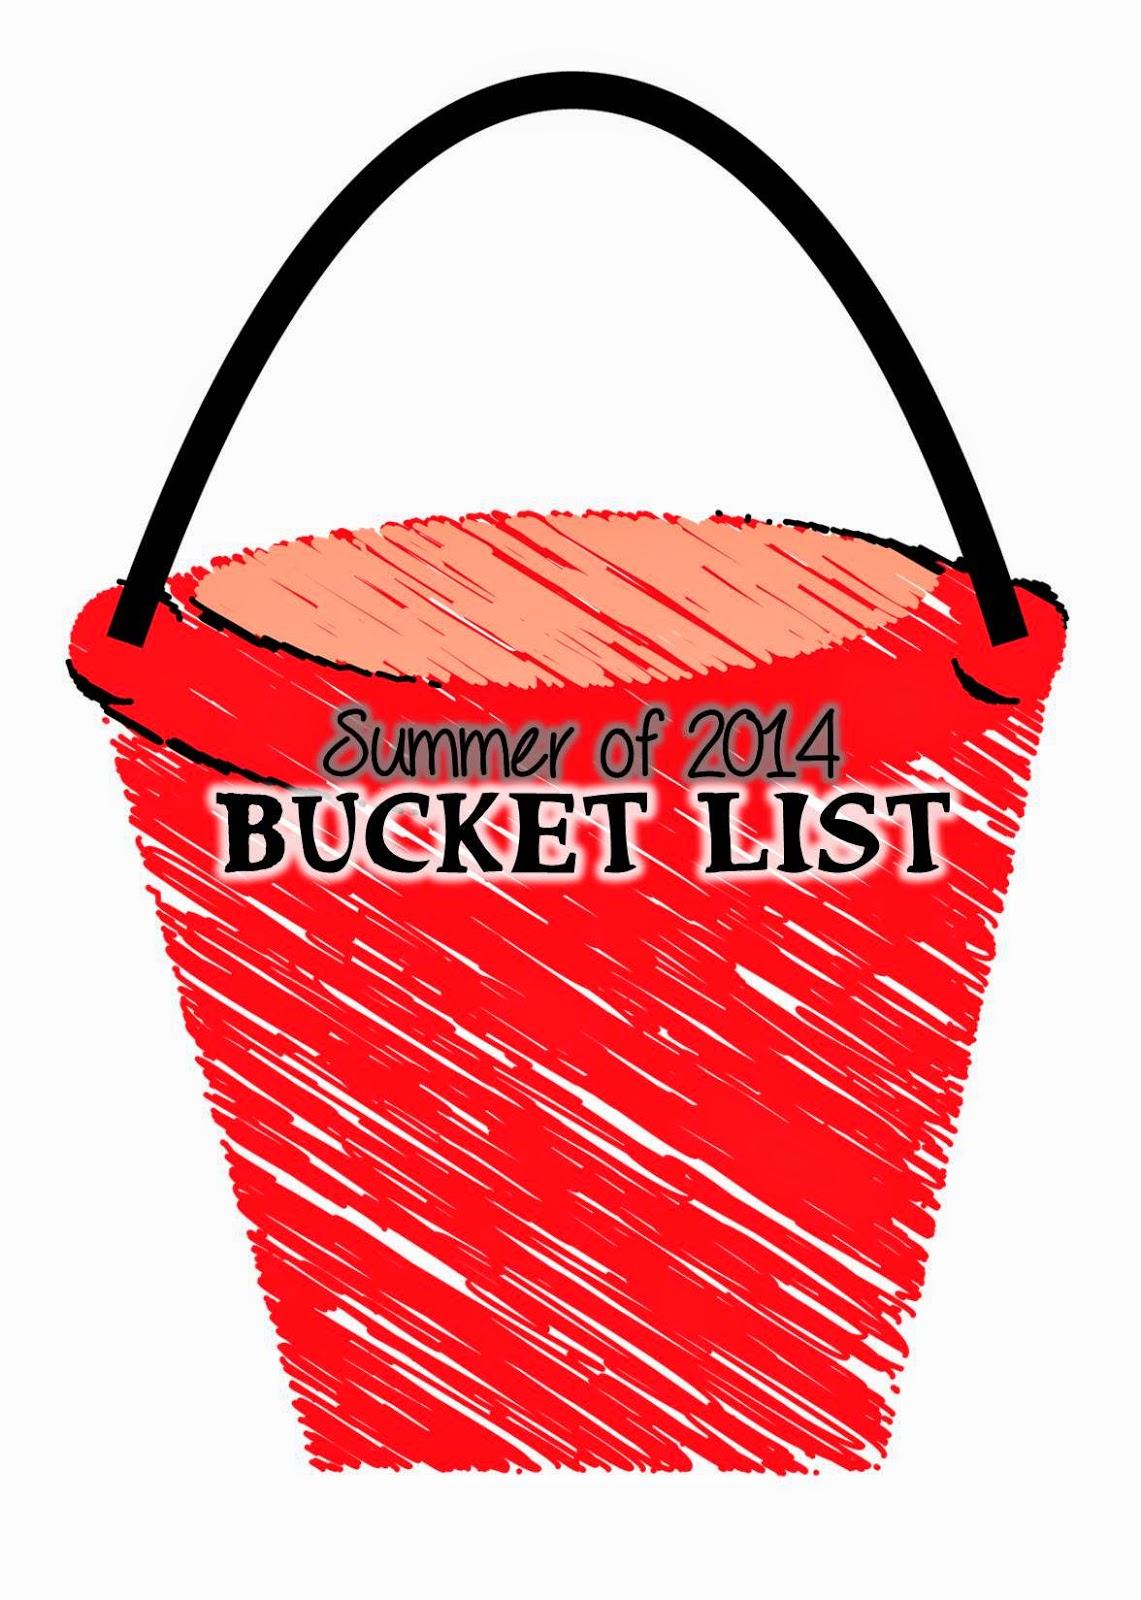 Mind Sparks Summer 2014 Bucket List